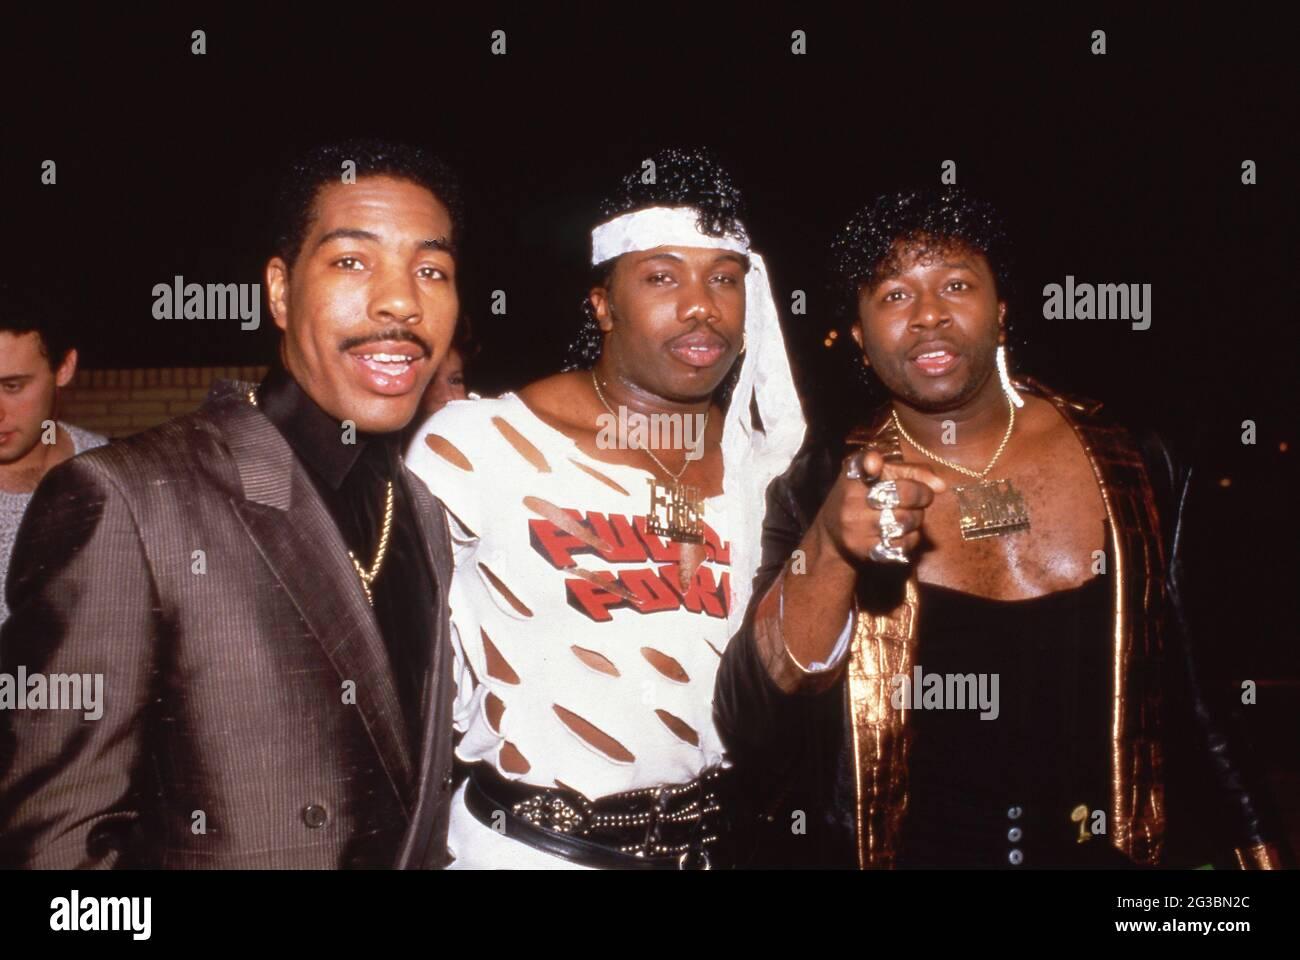 Oran 'Juice' Jones, Paul Anthony et Bowlegged Lou de Full Force Circa 1980 crédit: Ralph Dominguez/MediaPunch Banque D'Images